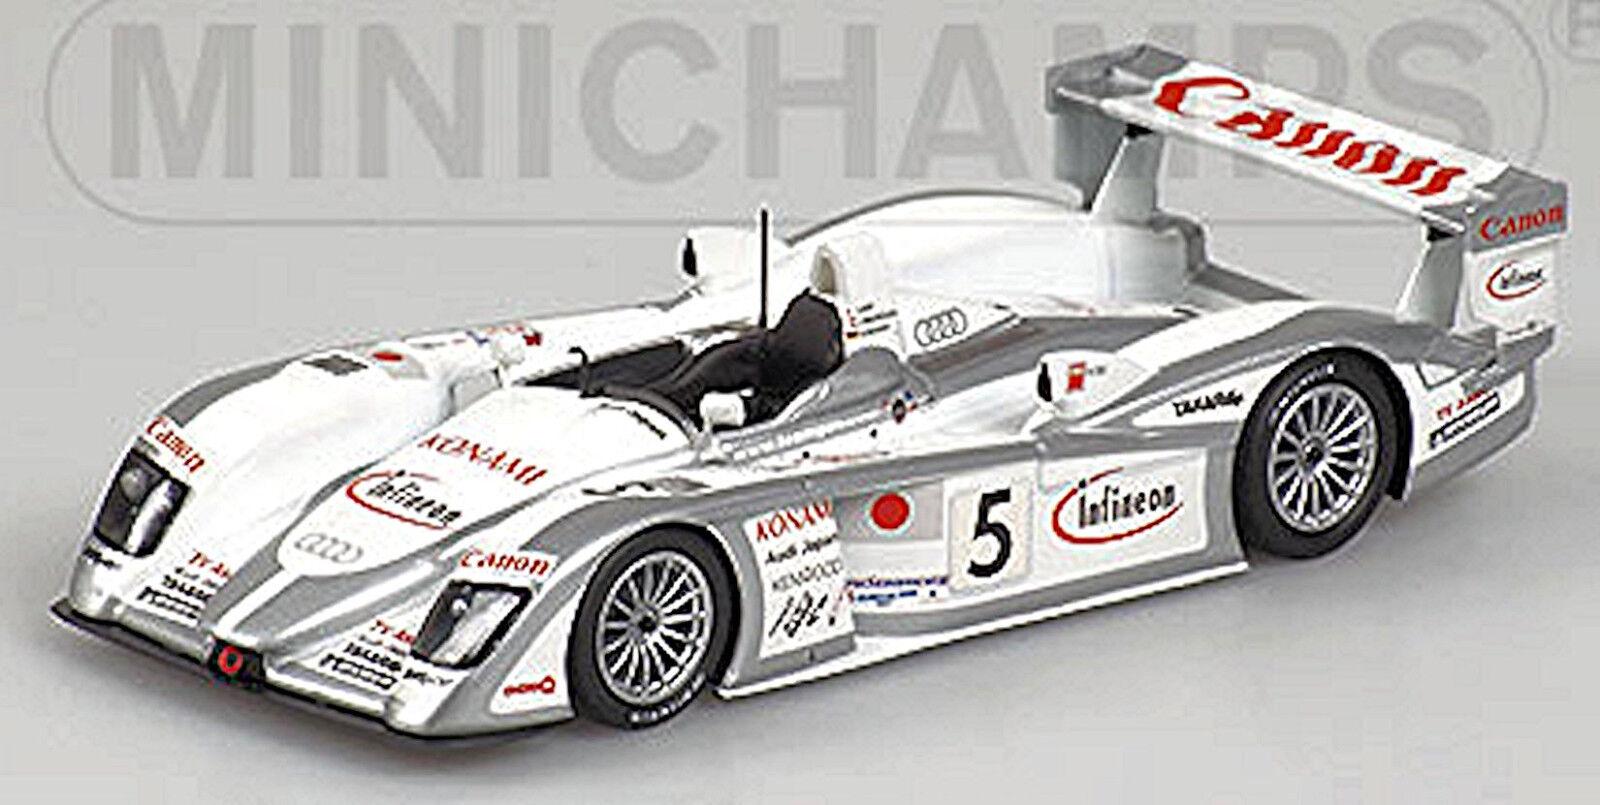 AUDI R8 Le Mans 2003 Ara Magnussen Werner  5 1 43 Minichamps